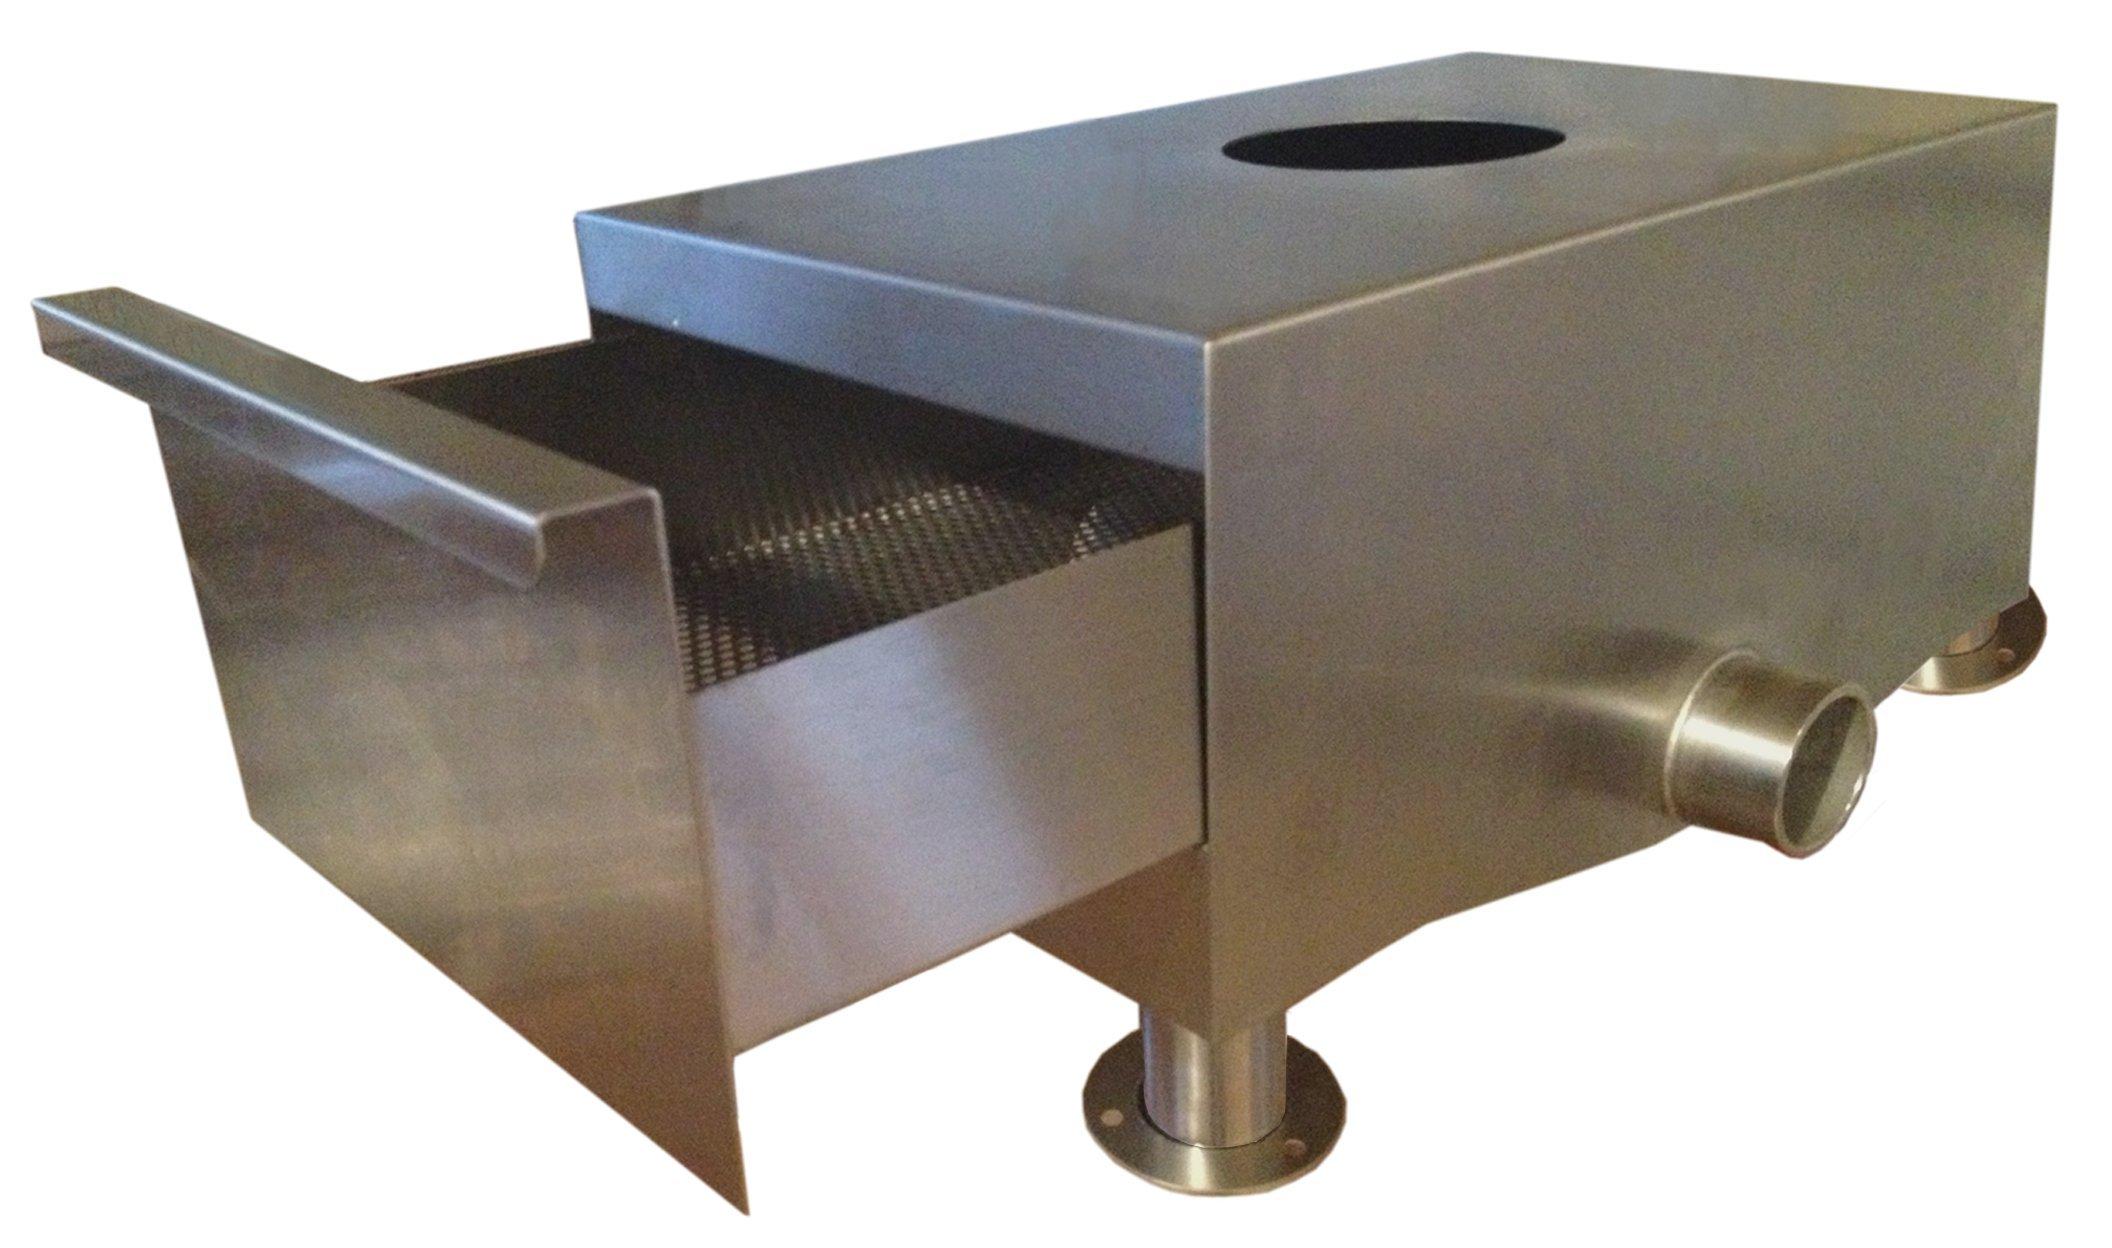 Commercial Kitchen Under-Sink Drain Strainer